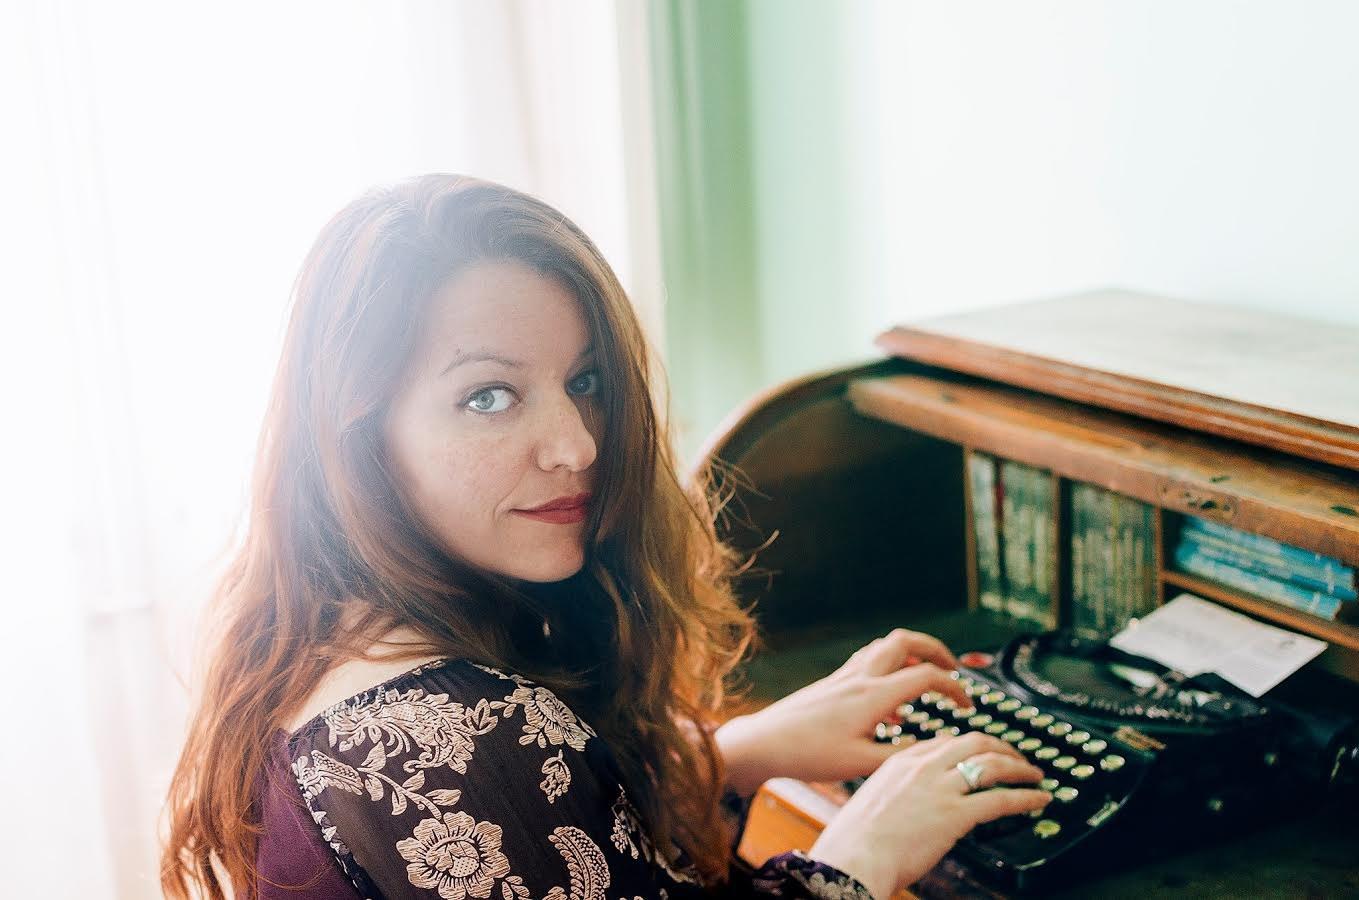 La periodista, publicista i professora, Lídia Gázquez, haestat distingida ambla XLVII Ploma d'Or. Fotografia de Clàudia Sauret